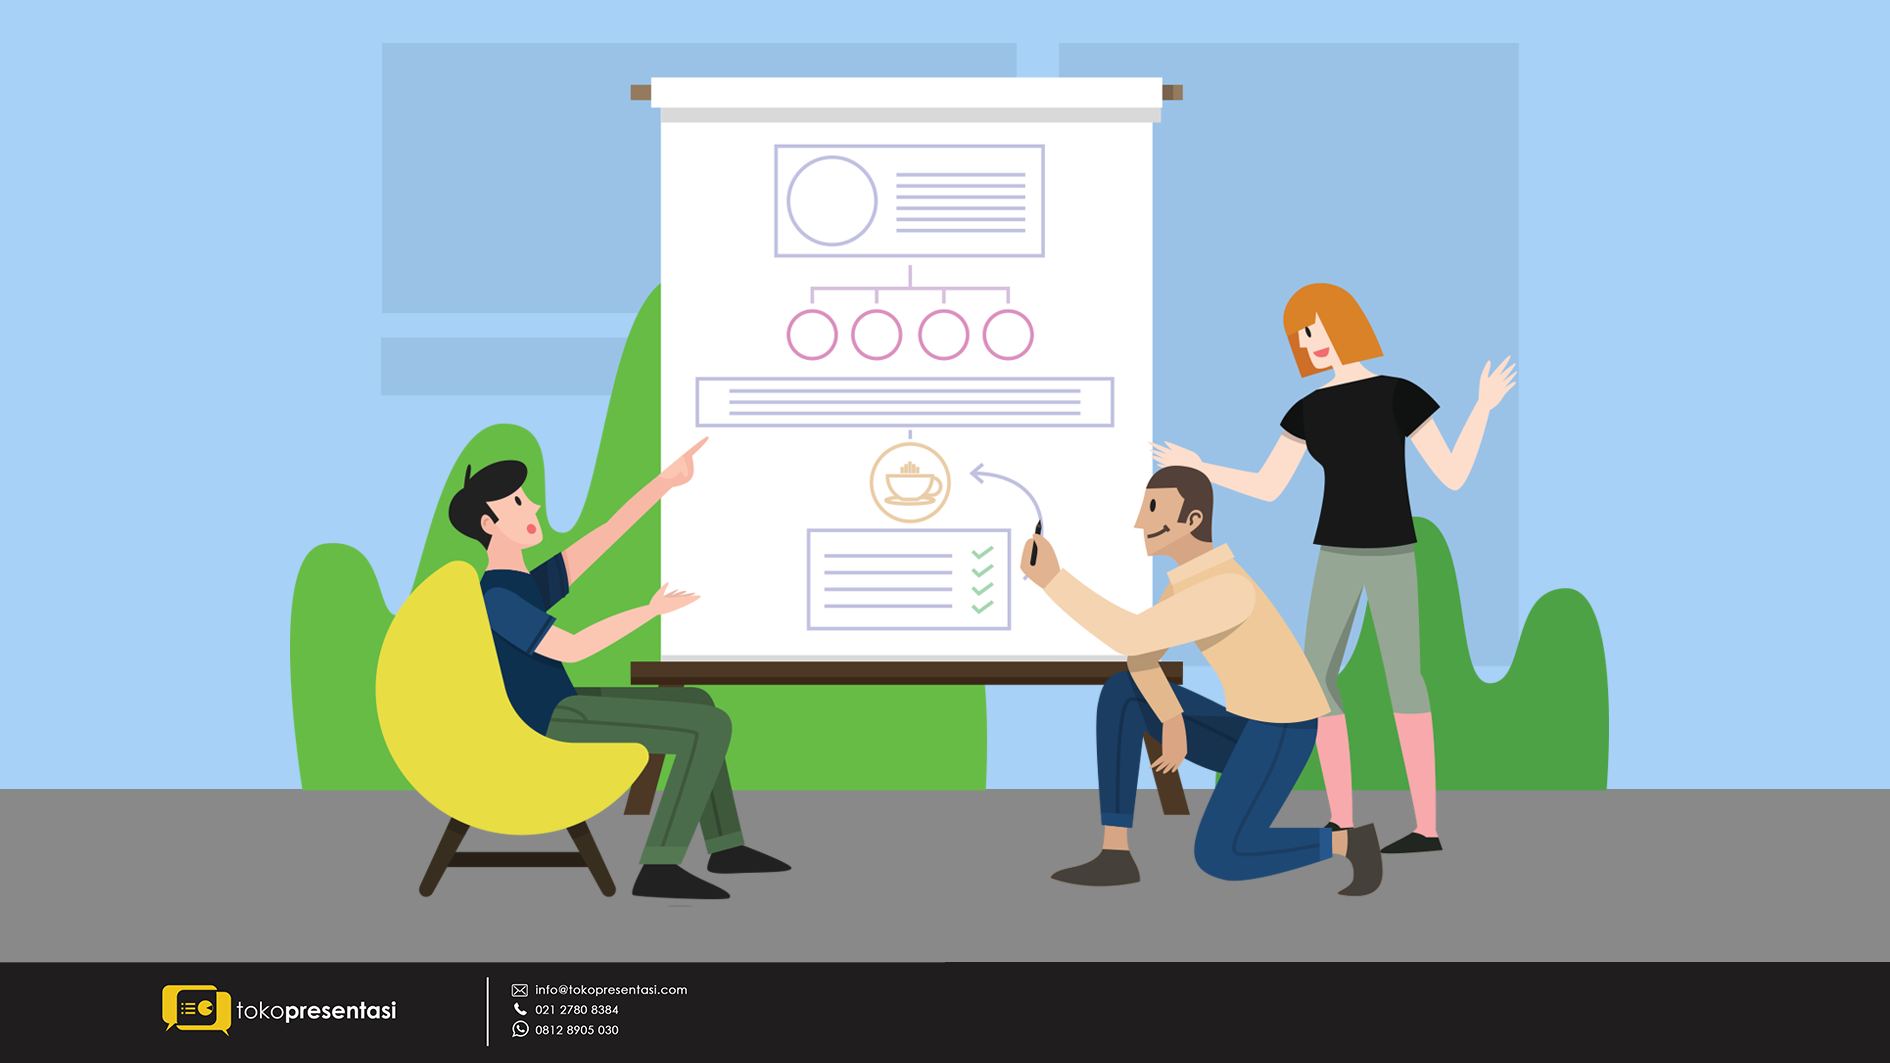 Langkah Menyulap Data dalam Pembuatan Infografis - Tokopresentasi.com